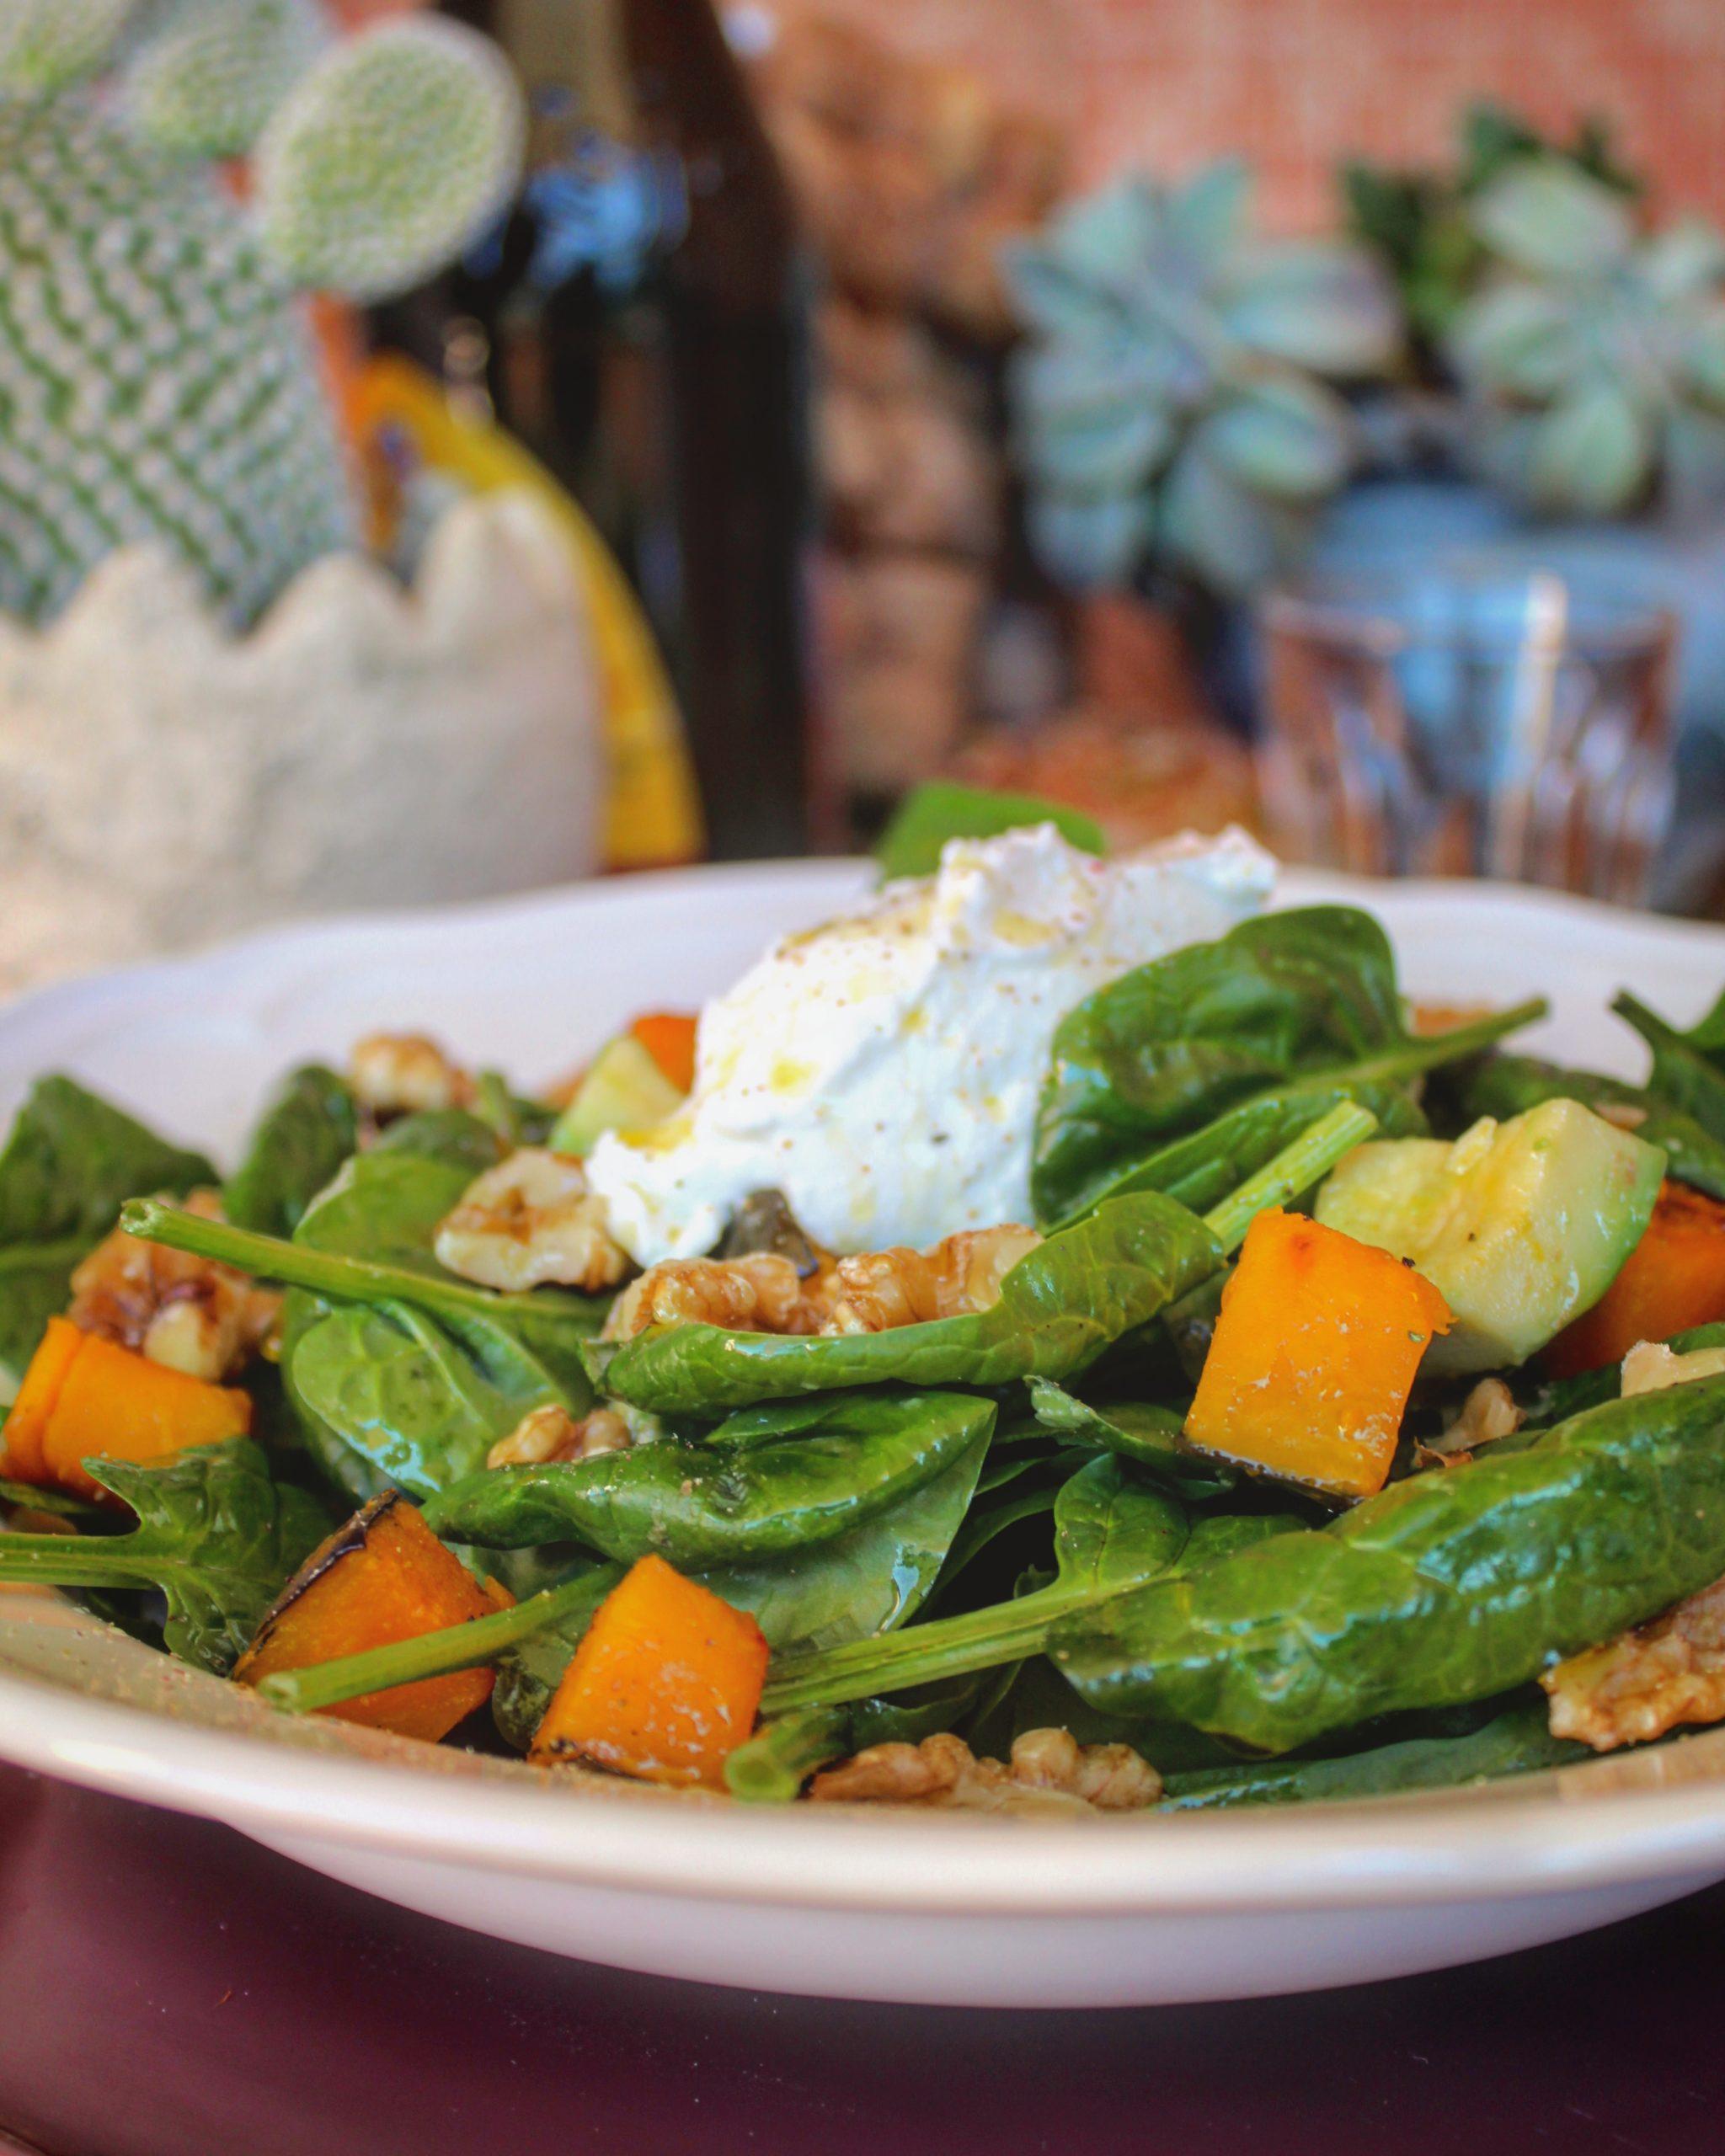 Insalata di spinacino avocado e zucca